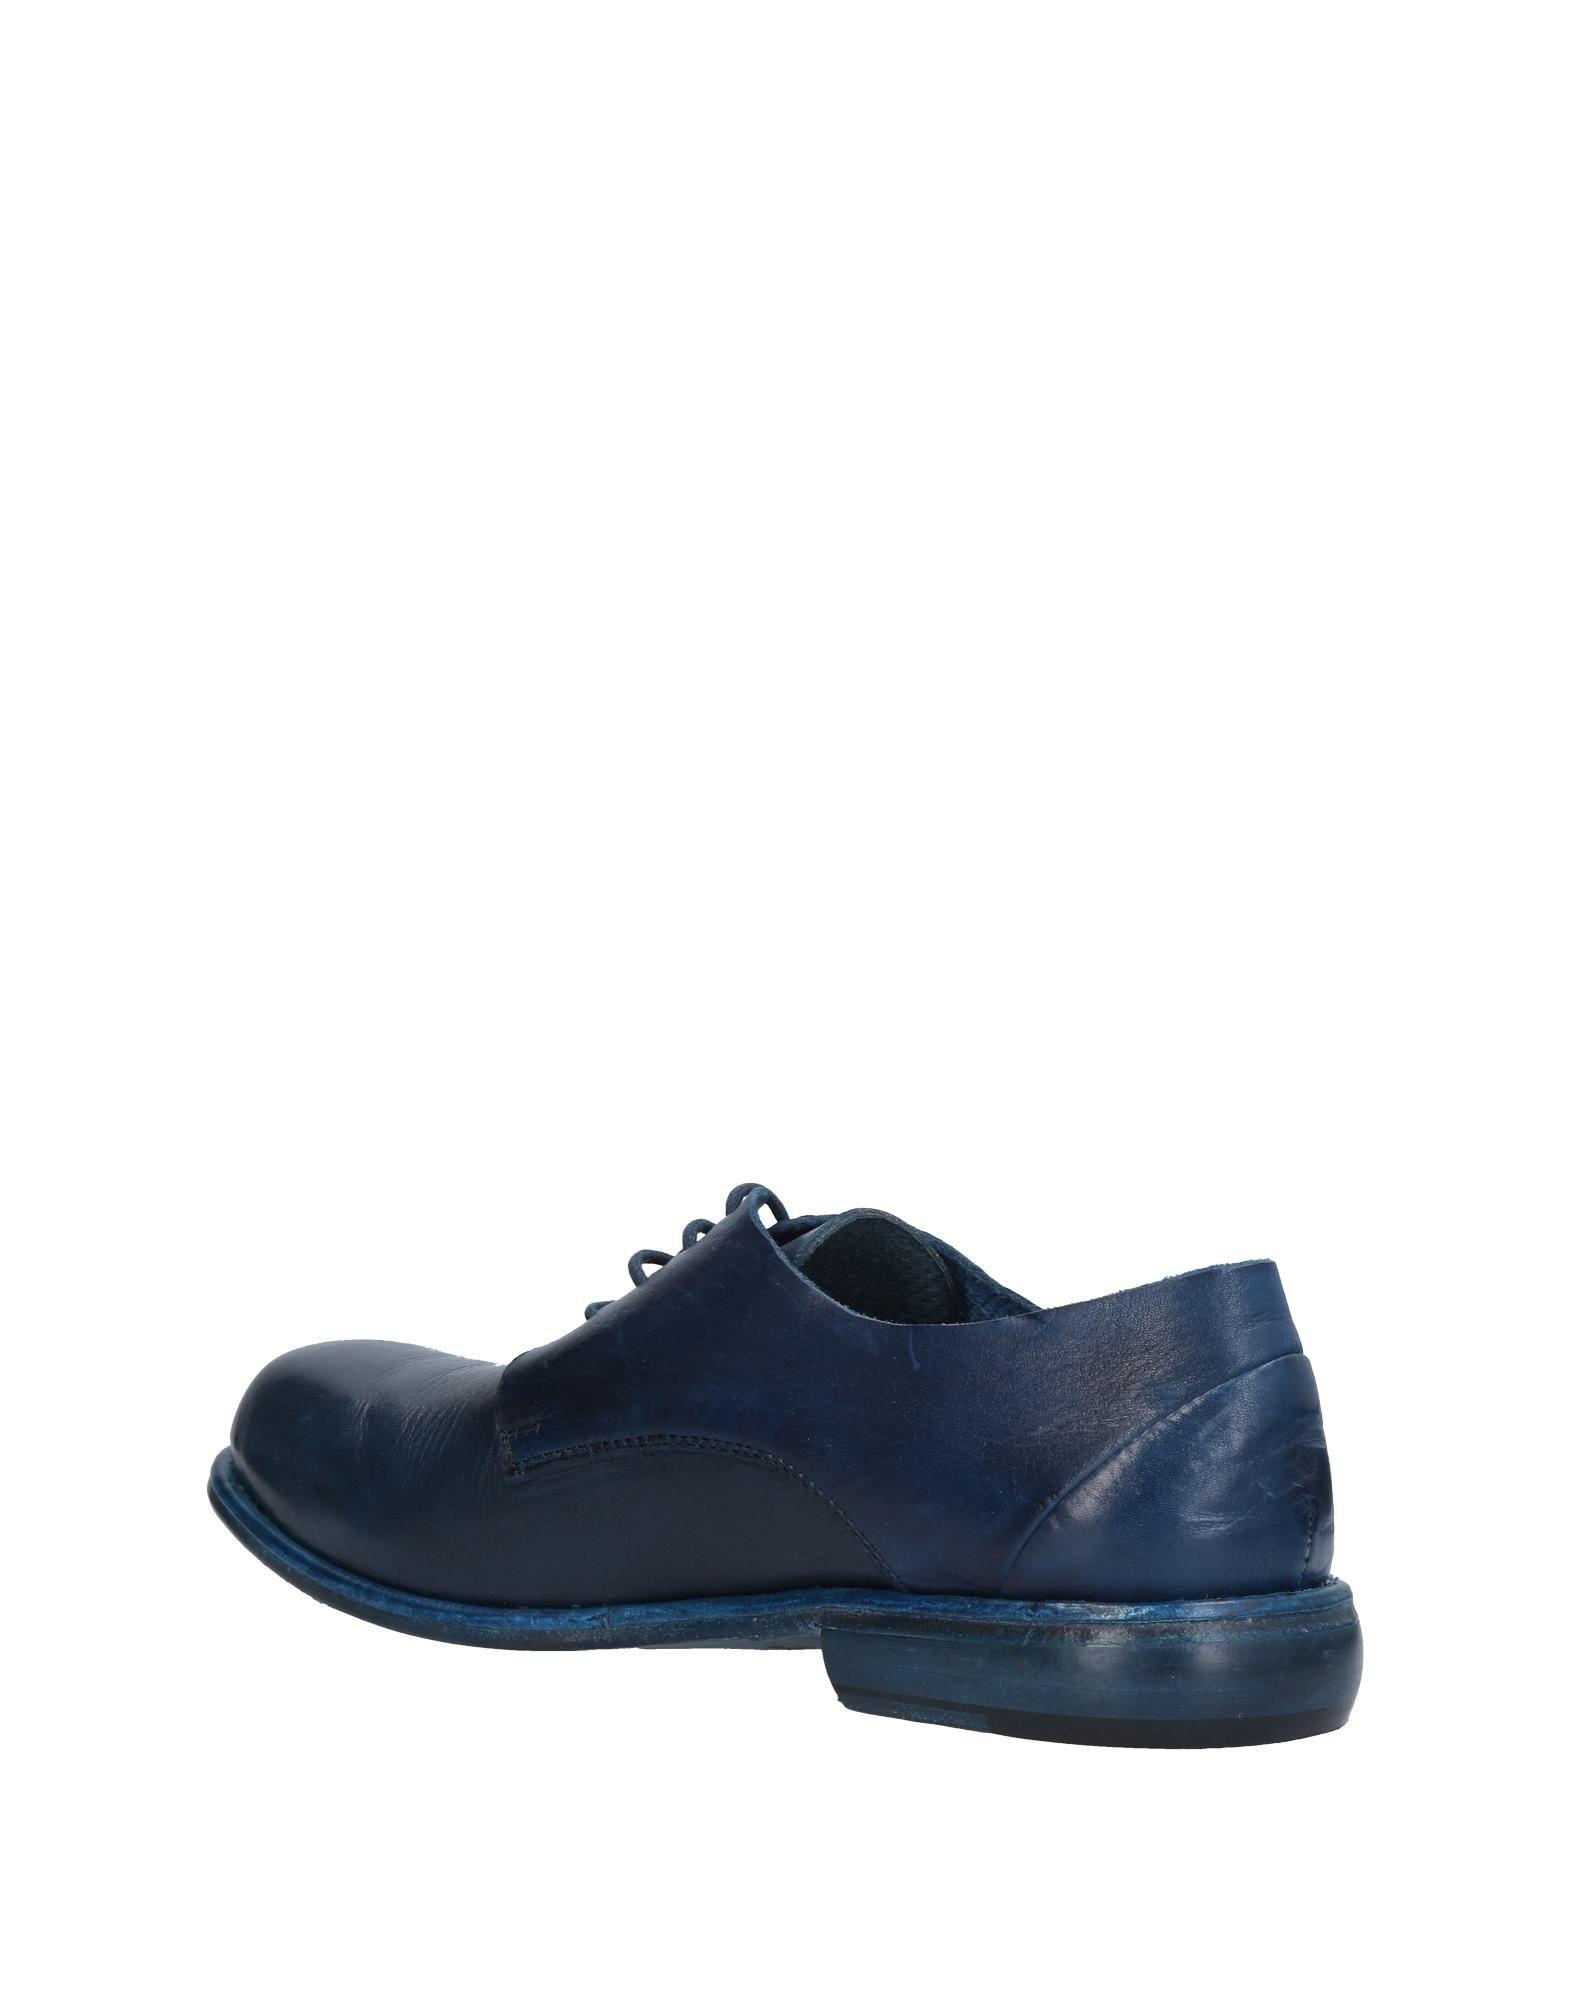 ... Chaussures À Lacets Cavallini Homme - Chaussures À Lacets Cavallini sur  ...